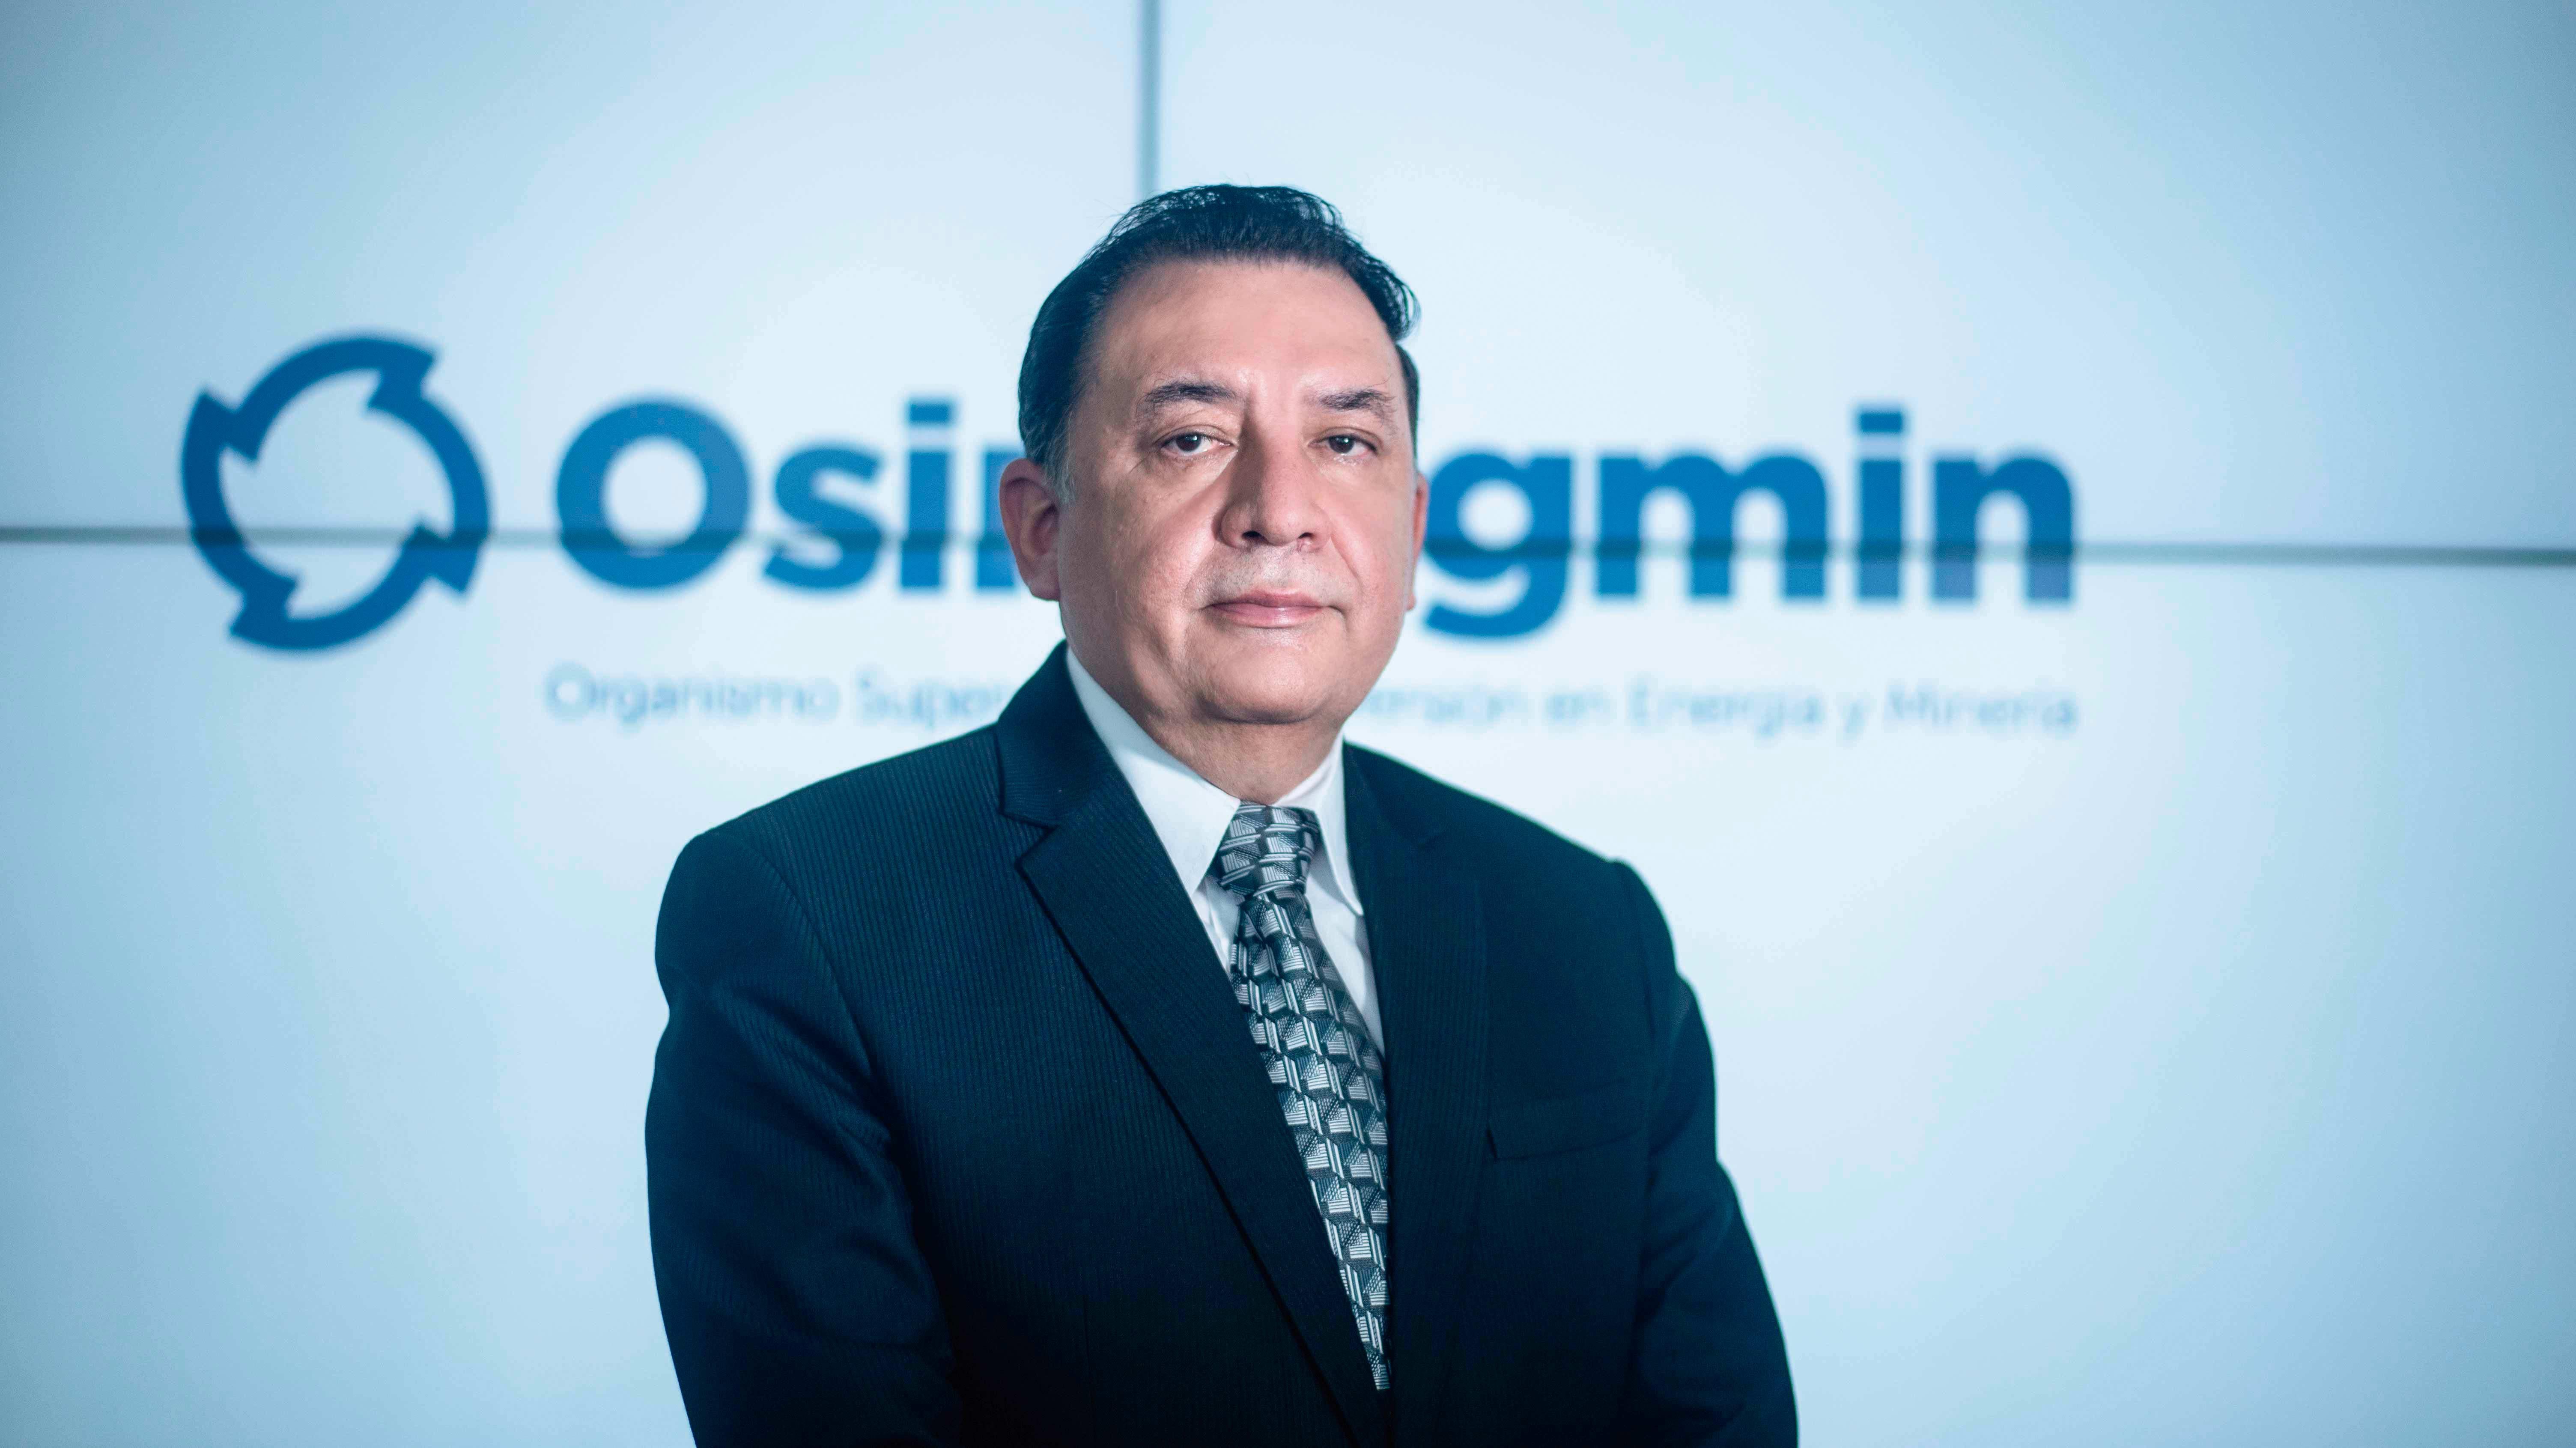 """Osinergmin: """"El costo marginal del mercado libre se elevará de US$10/MWh a US$25/MWh"""""""